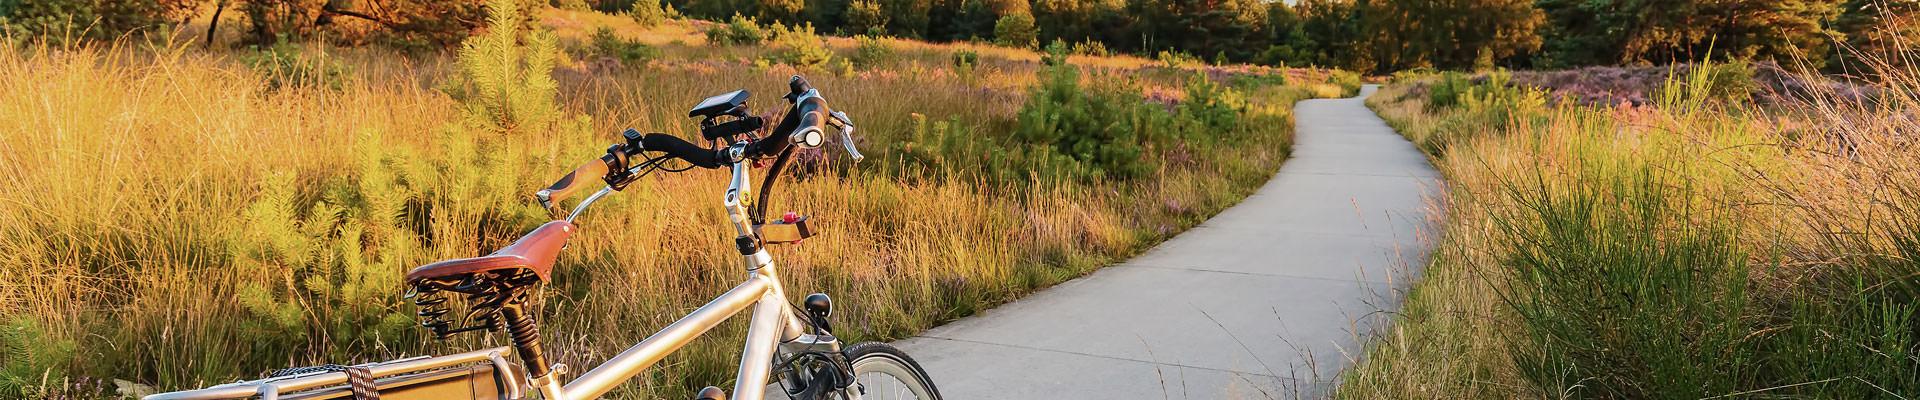 capaciteit verhogen fietsbatterij - Eaccu.be